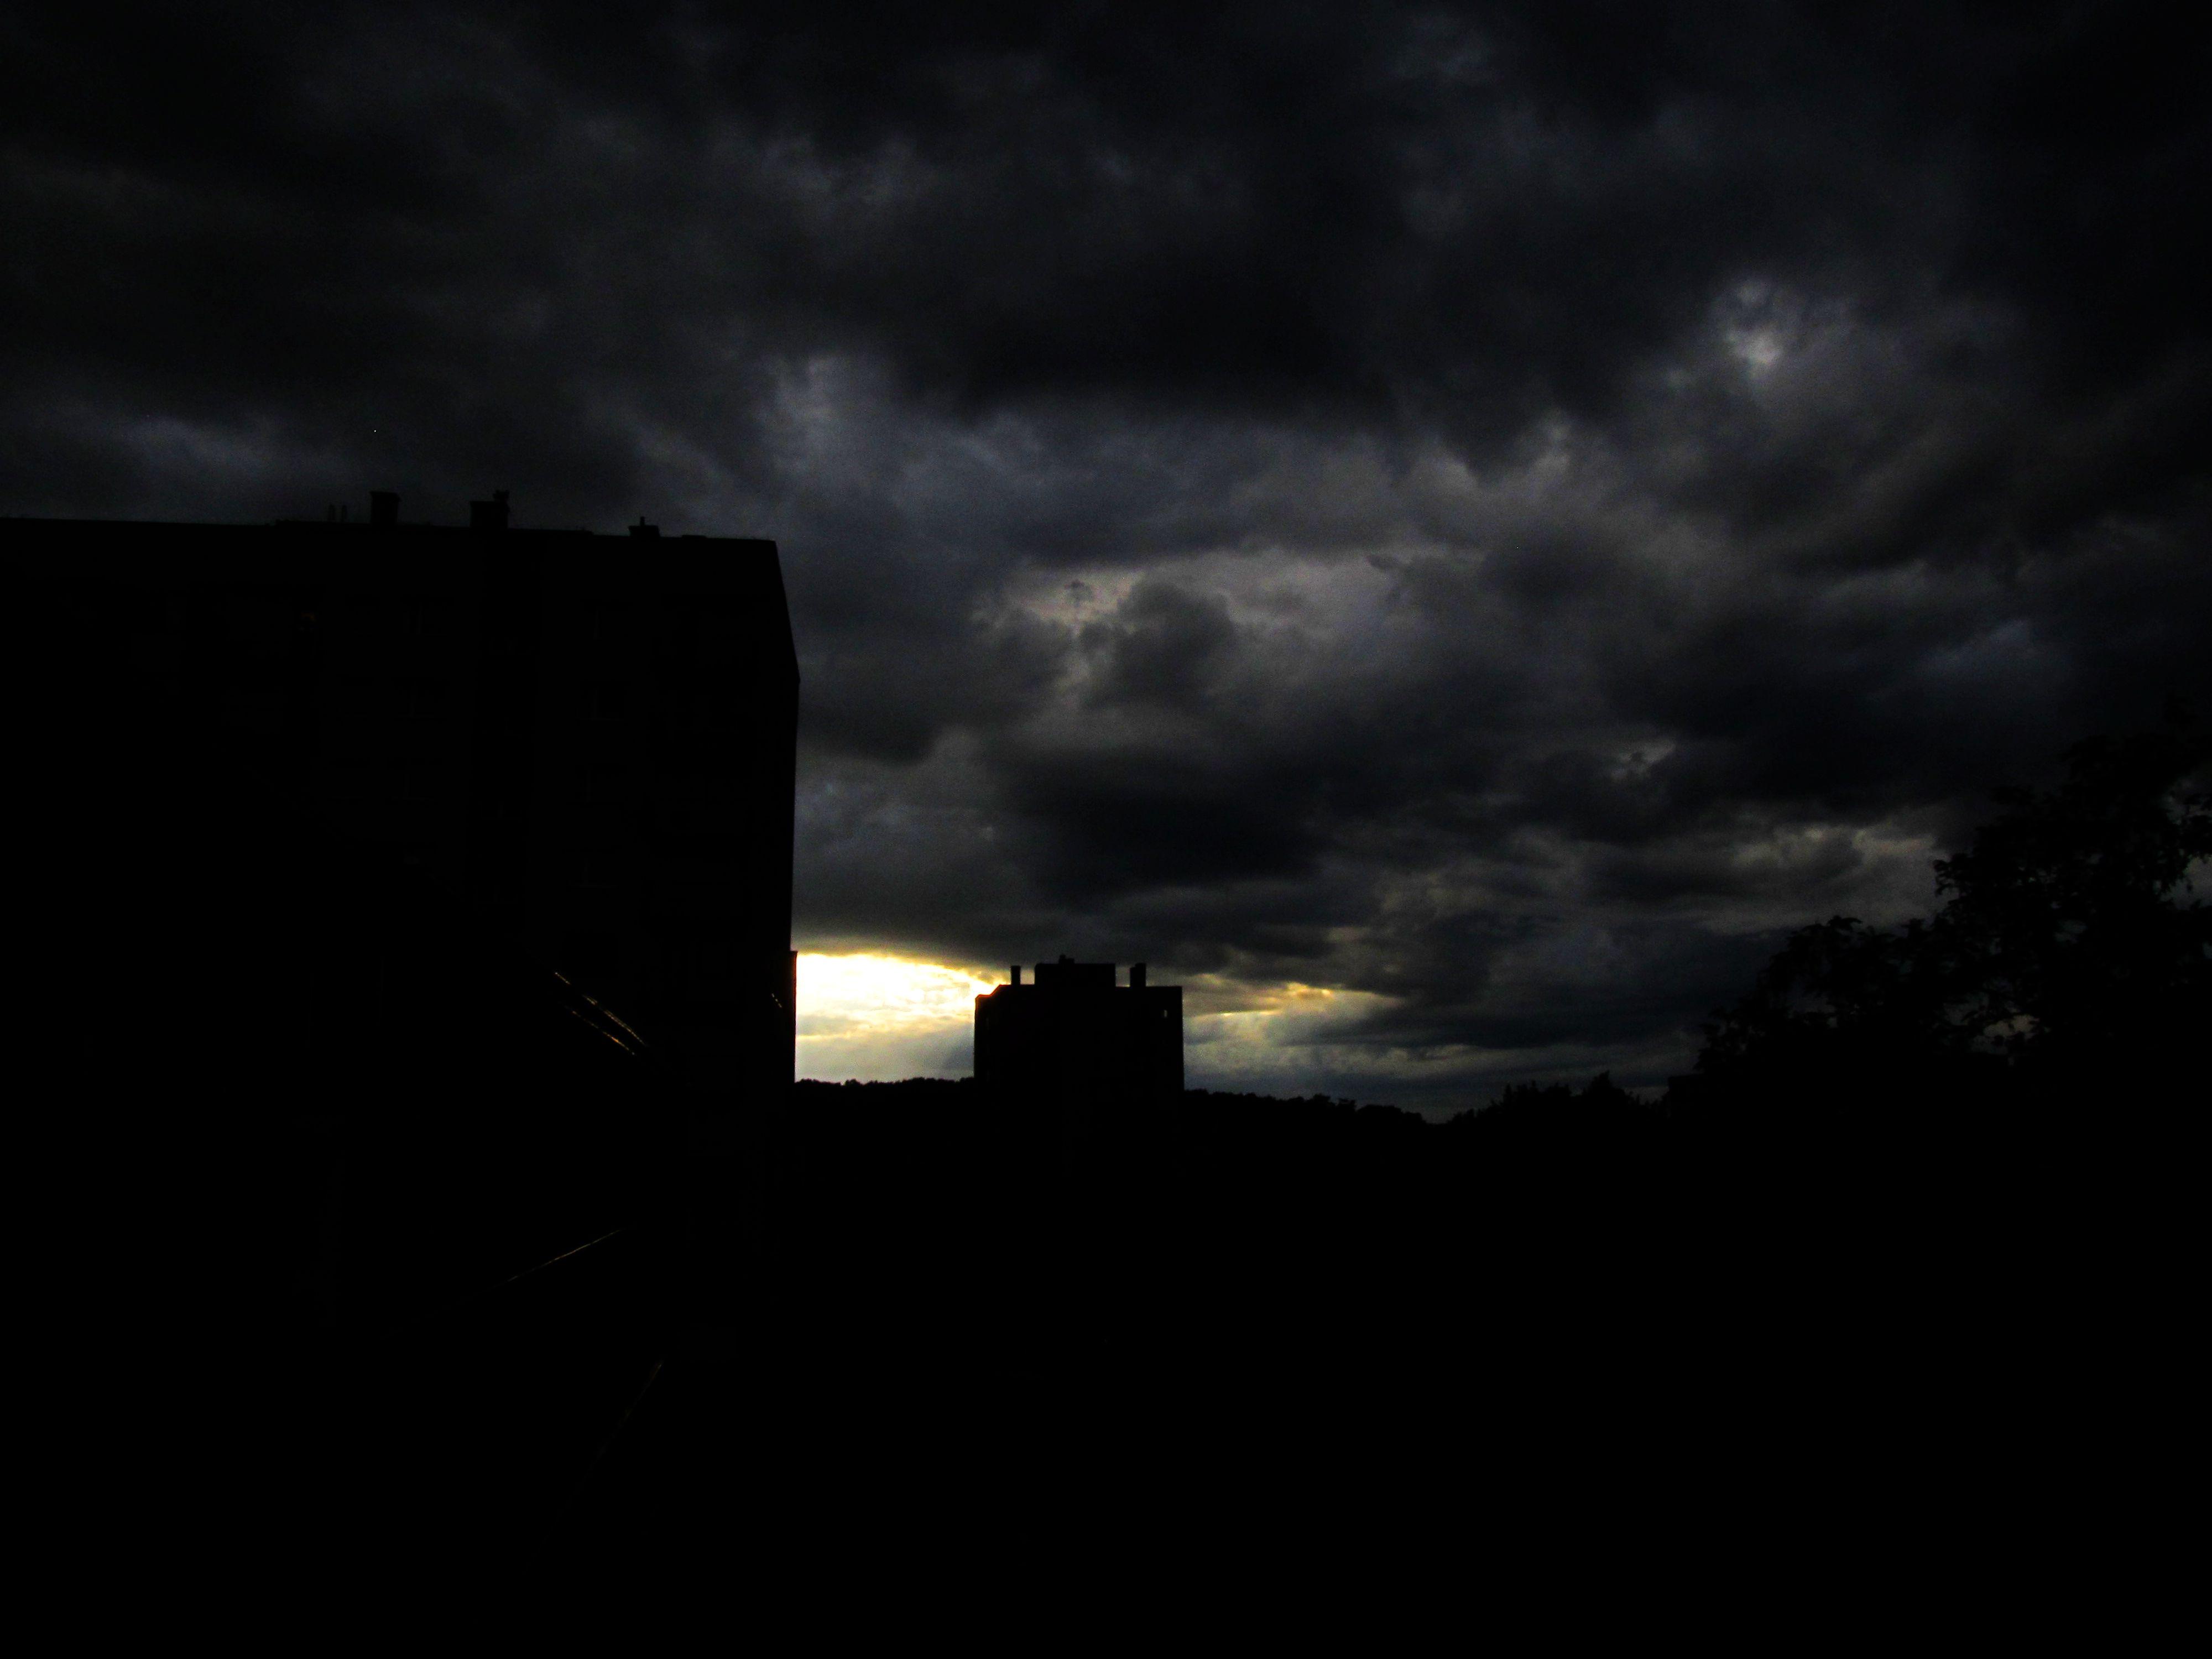 schemat /Galeria/Inspirations chmury.jpg